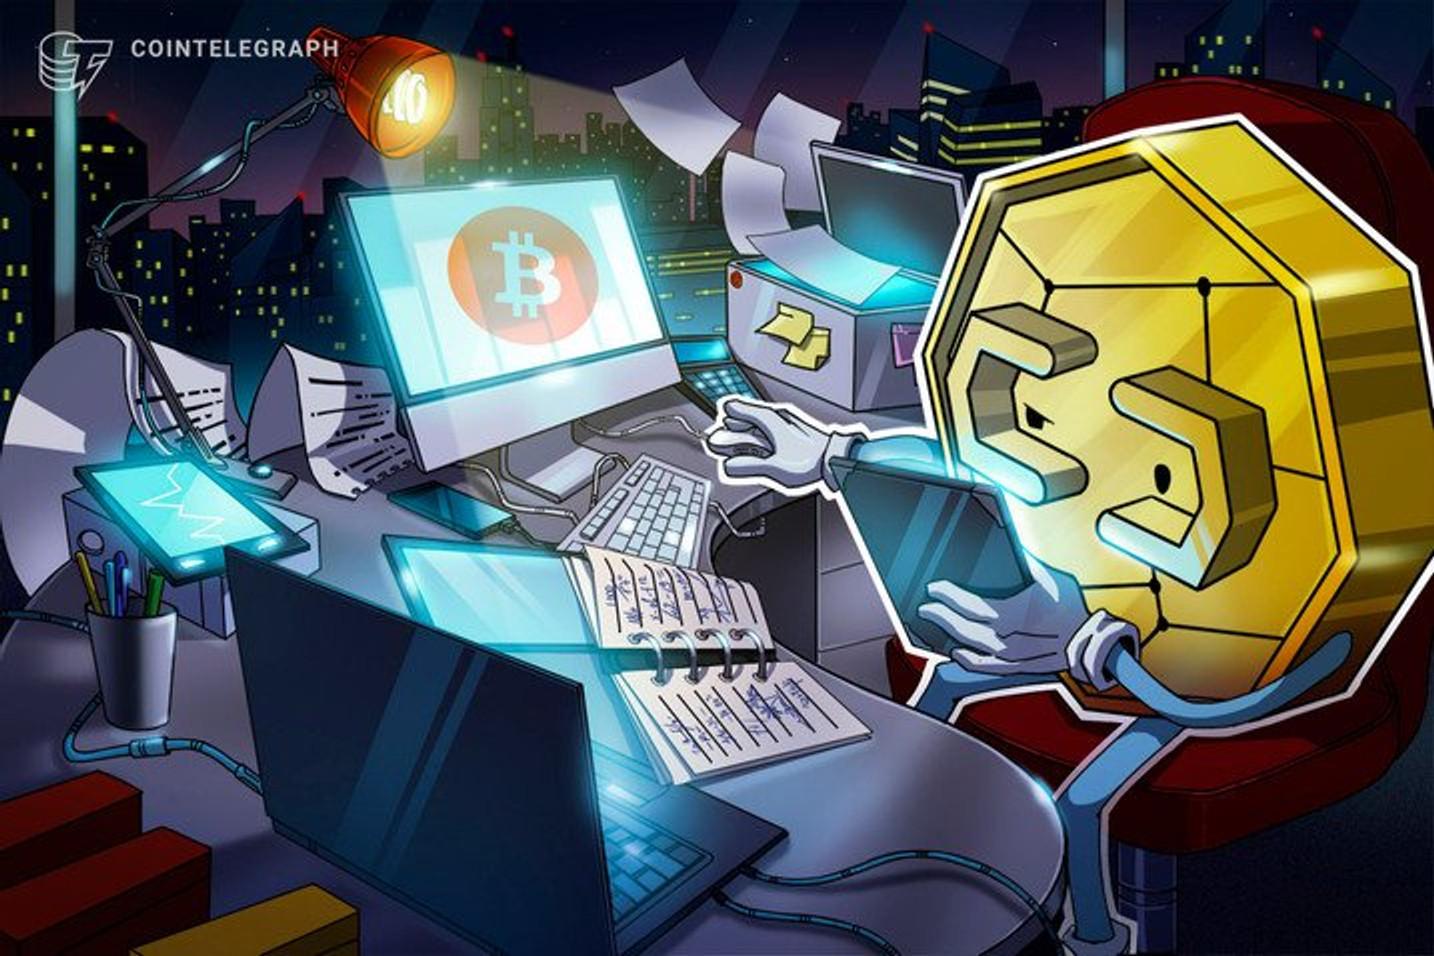 Os 10 perfis sobre Bitcoin mais influentes do Twitter